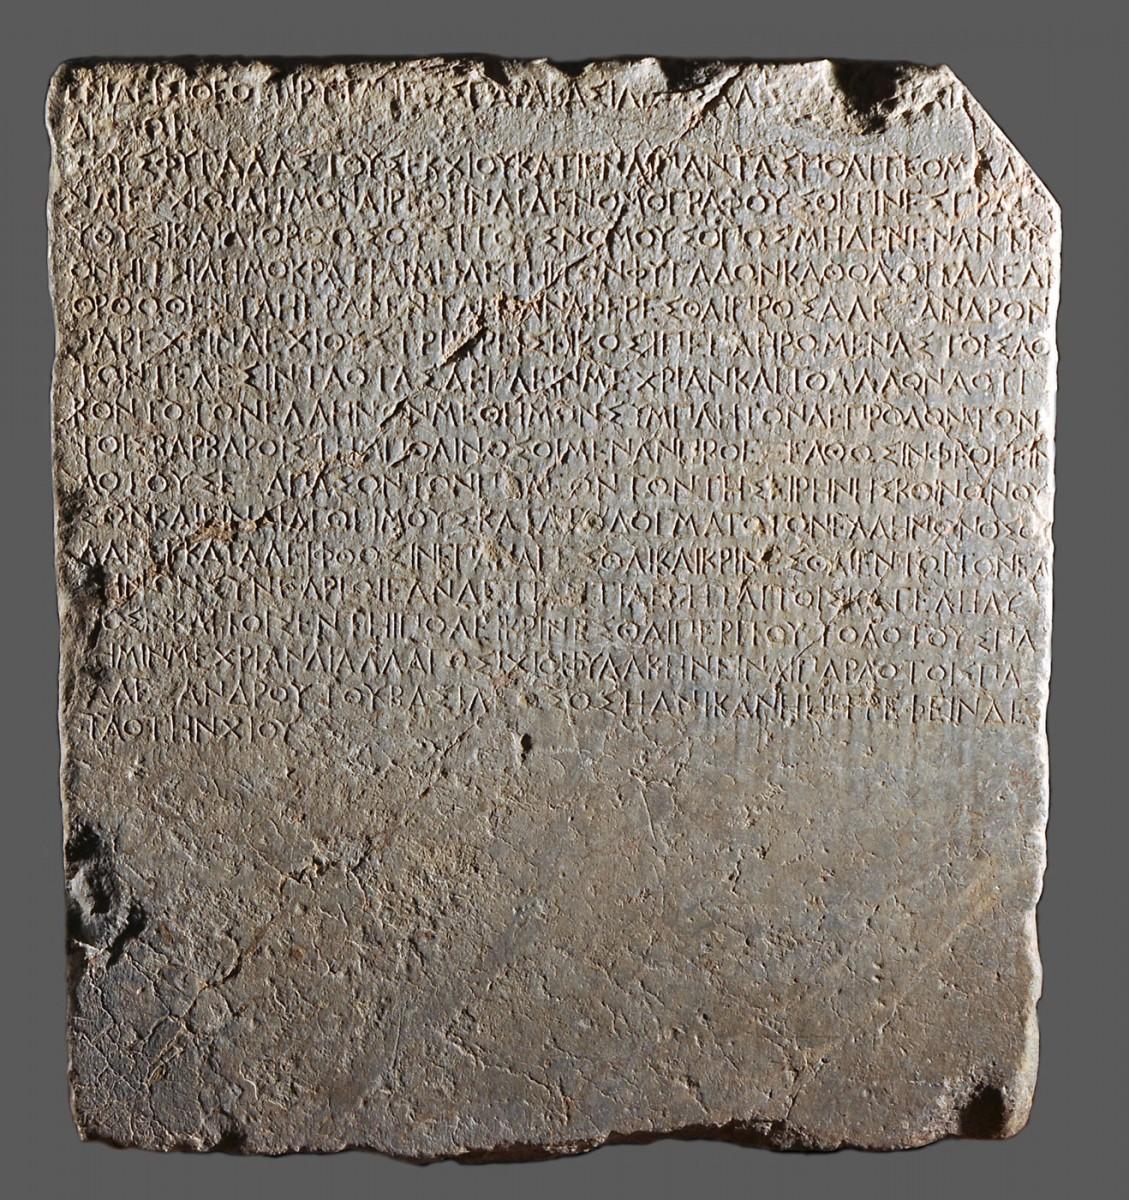 Εικ. 26. Α΄ επιστολή – διάγραμμα του Μεγάλου Αλεξάνδρου προς το Δήμο των Χίων. 332 π.Χ. Βερβεράτο (Αγ. Γεώργιο στο Φλαμούνι).